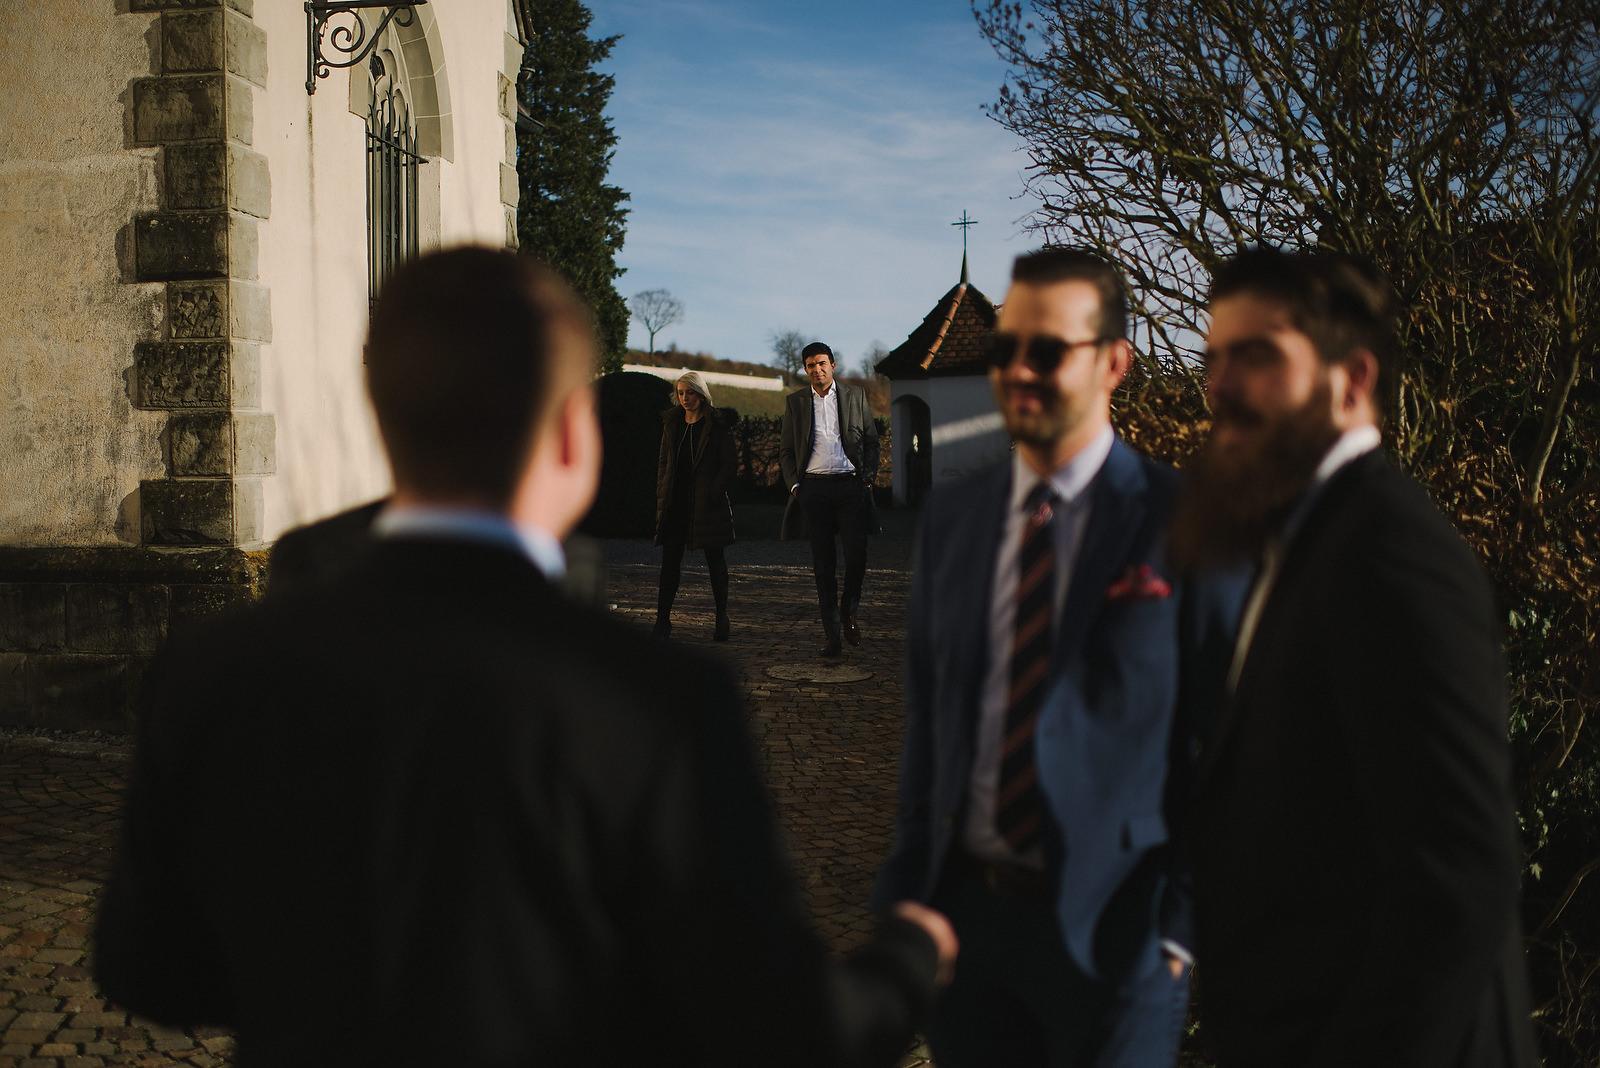 Fotograf Konstanz - Hochzeit Friedrichshafen Bodensee Hochzeitsfotograf EFP 05 - Silvester Hochzeit in Hagnau / Friedrichshafen am Bodensee  - 1 -